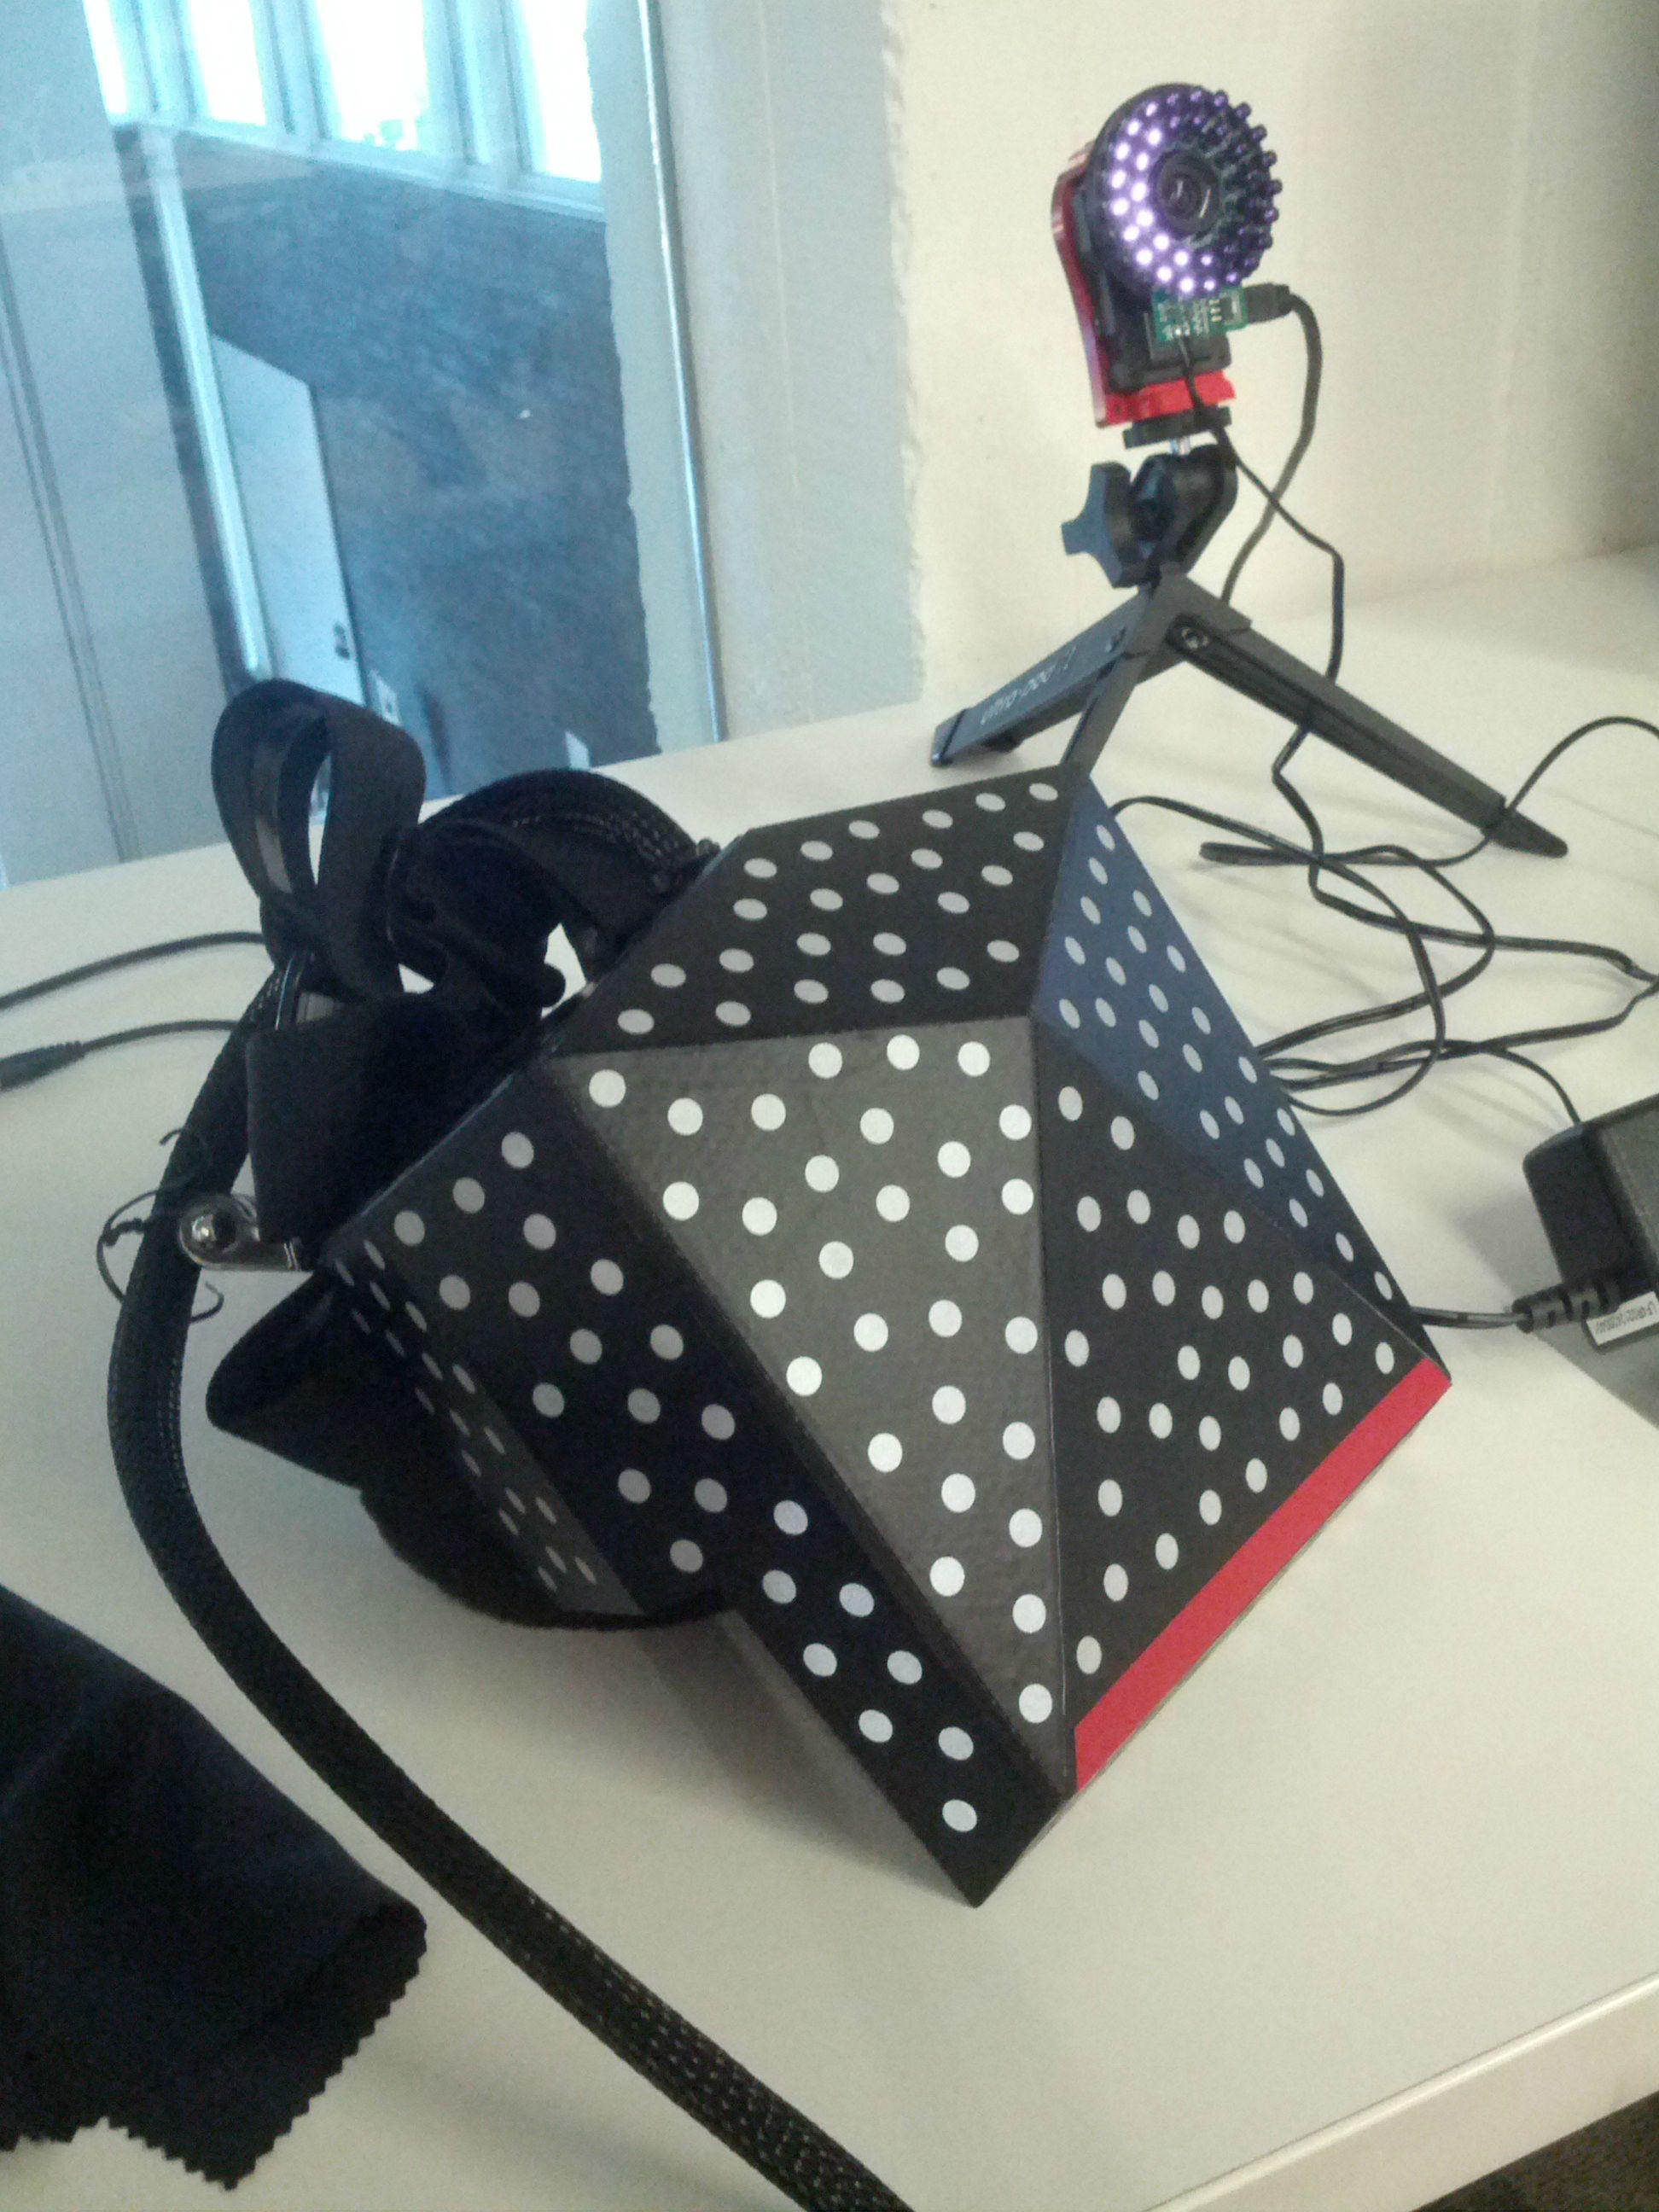 Sprzęt VR od Valve? Czy jest na to zapotrzebowanie?